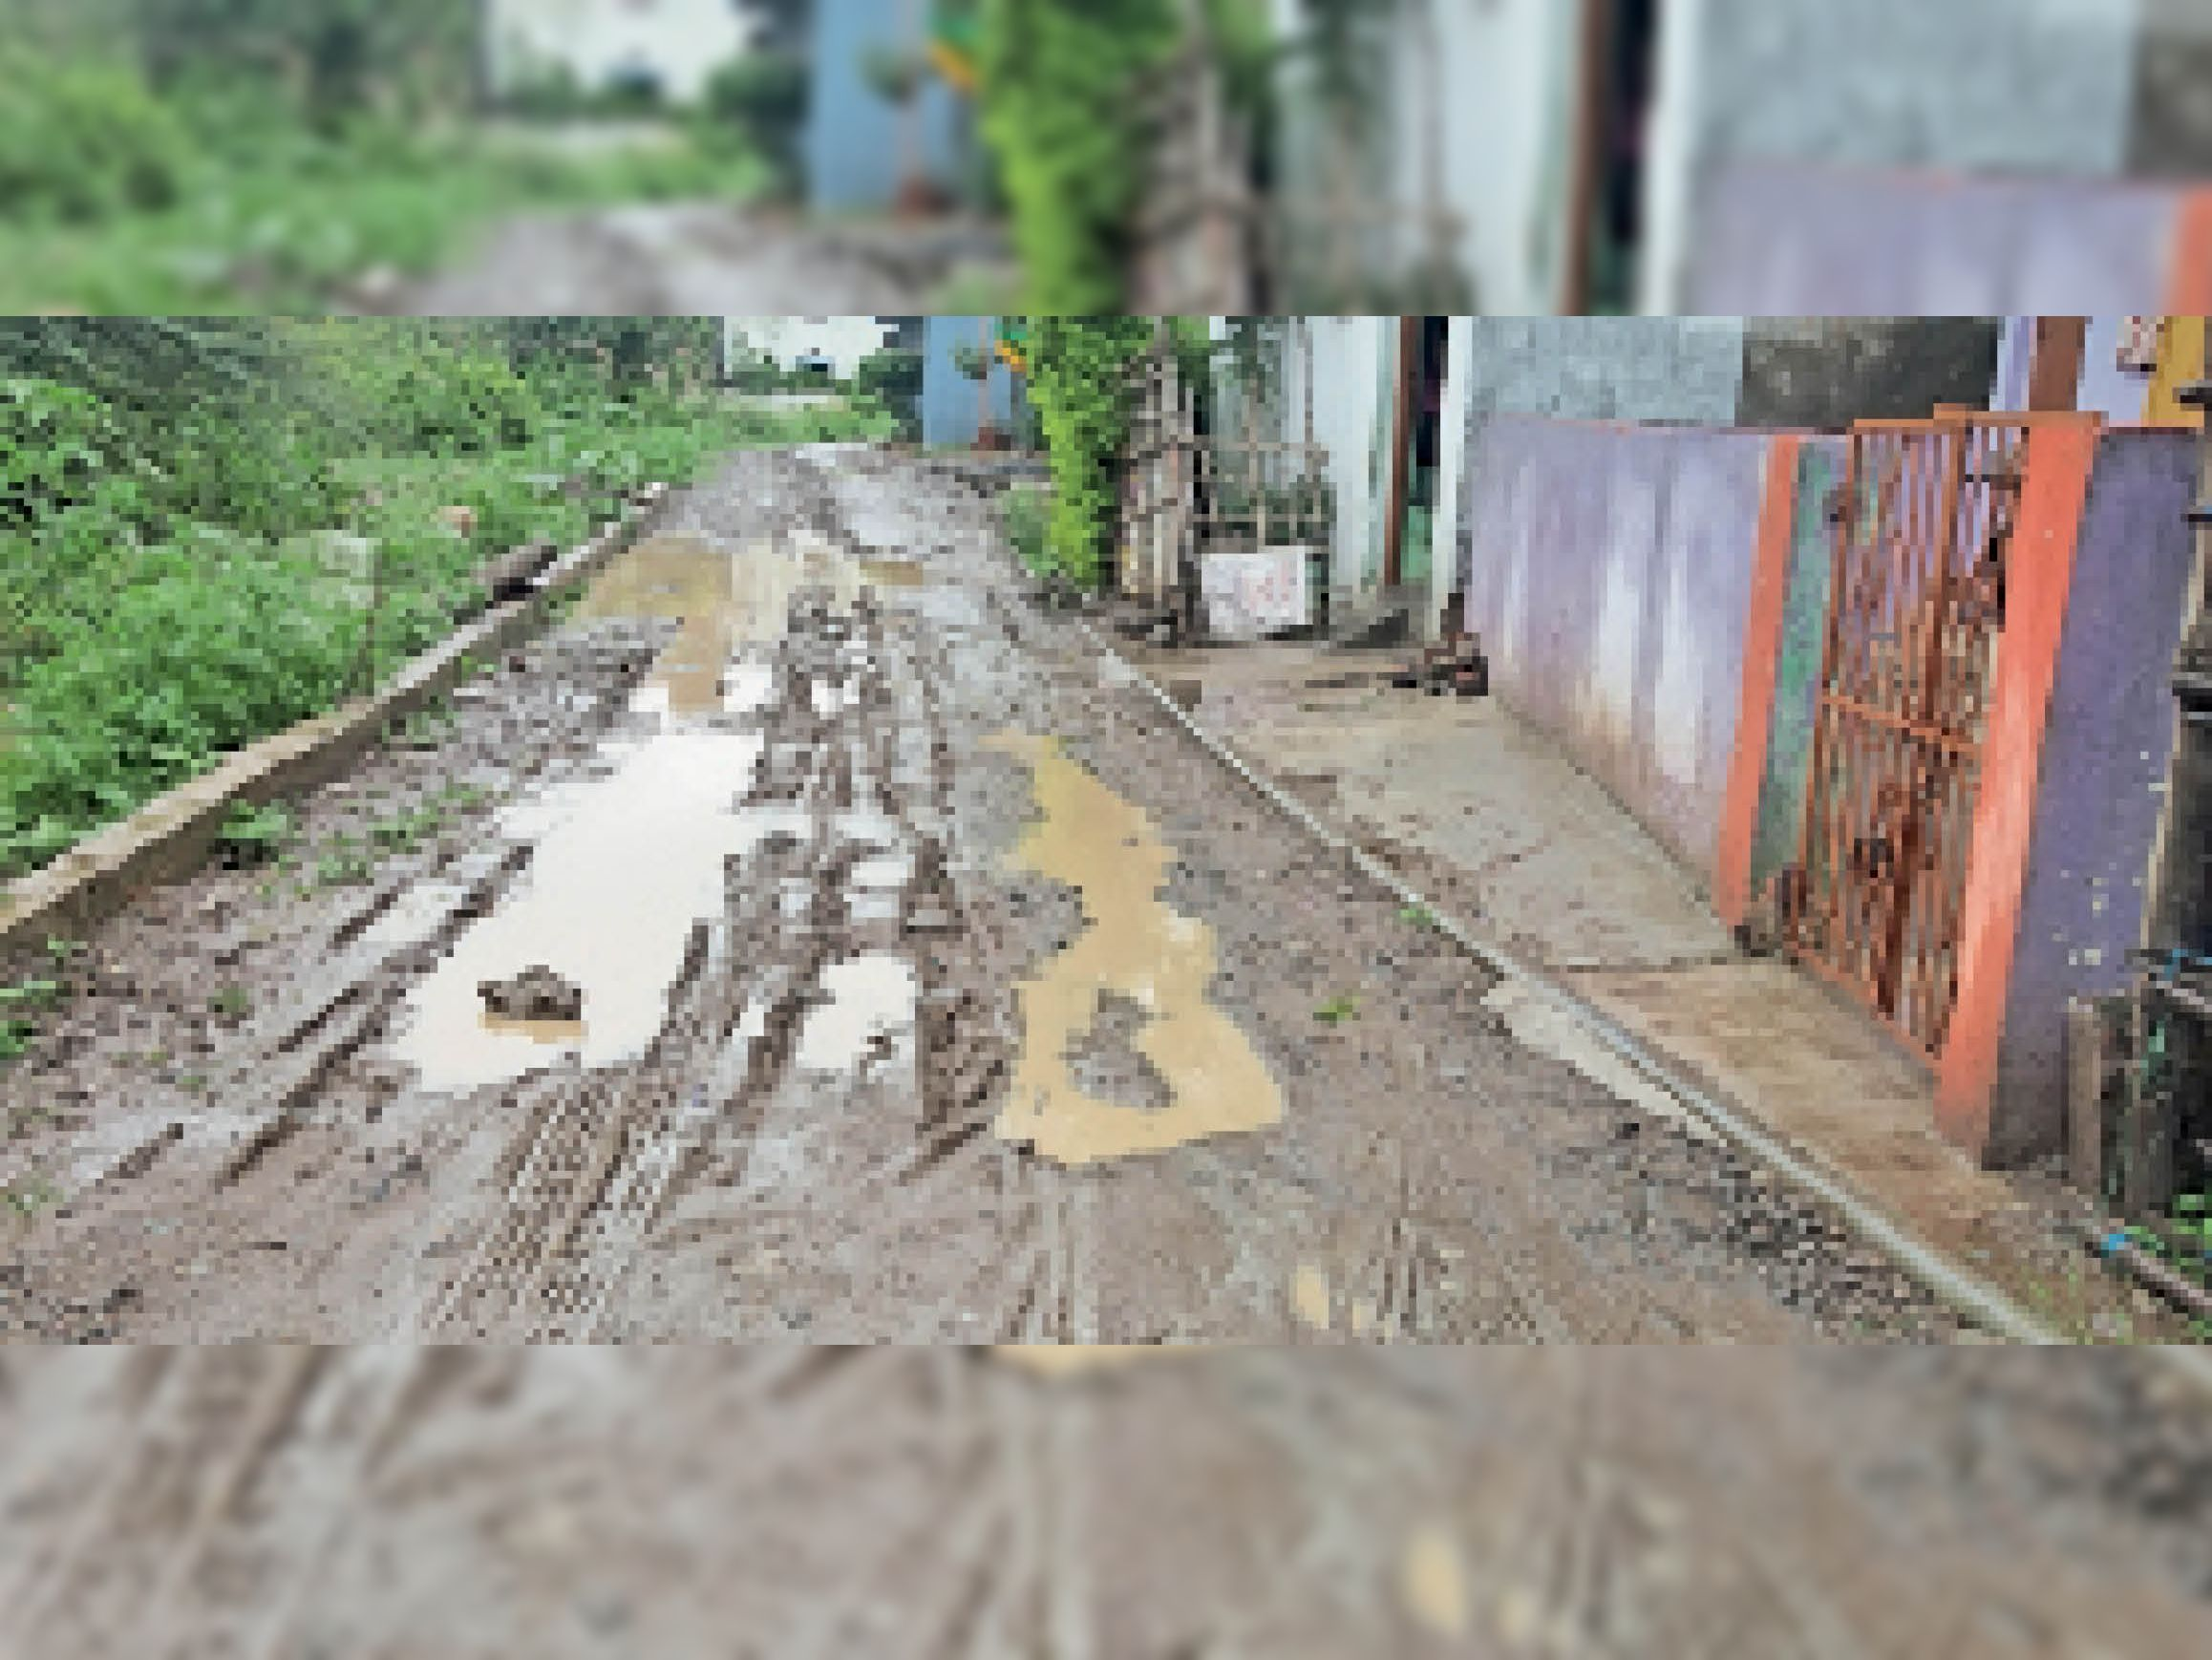 मुलताई। सड़क खुदाई होने से जगह-जगह पानी भी थमने लगा है। - Dainik Bhaskar